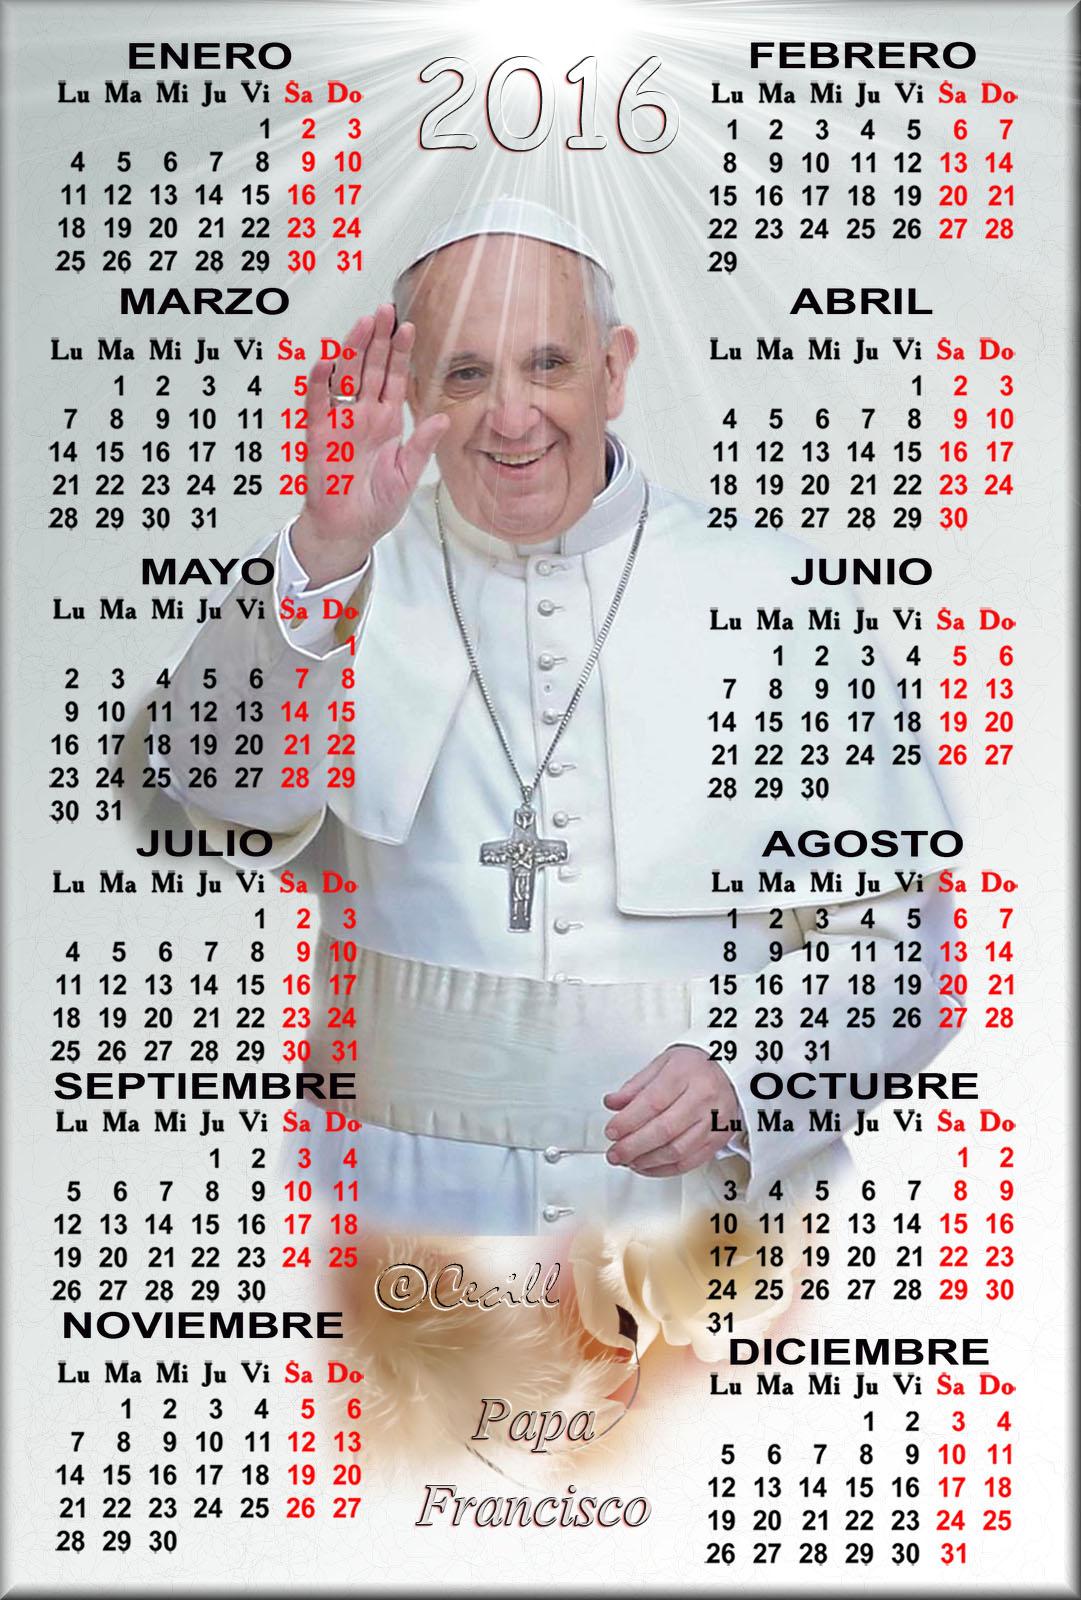 Calendario Religioso.Papa Francisco Vicario De Cristo Calendario Religioso